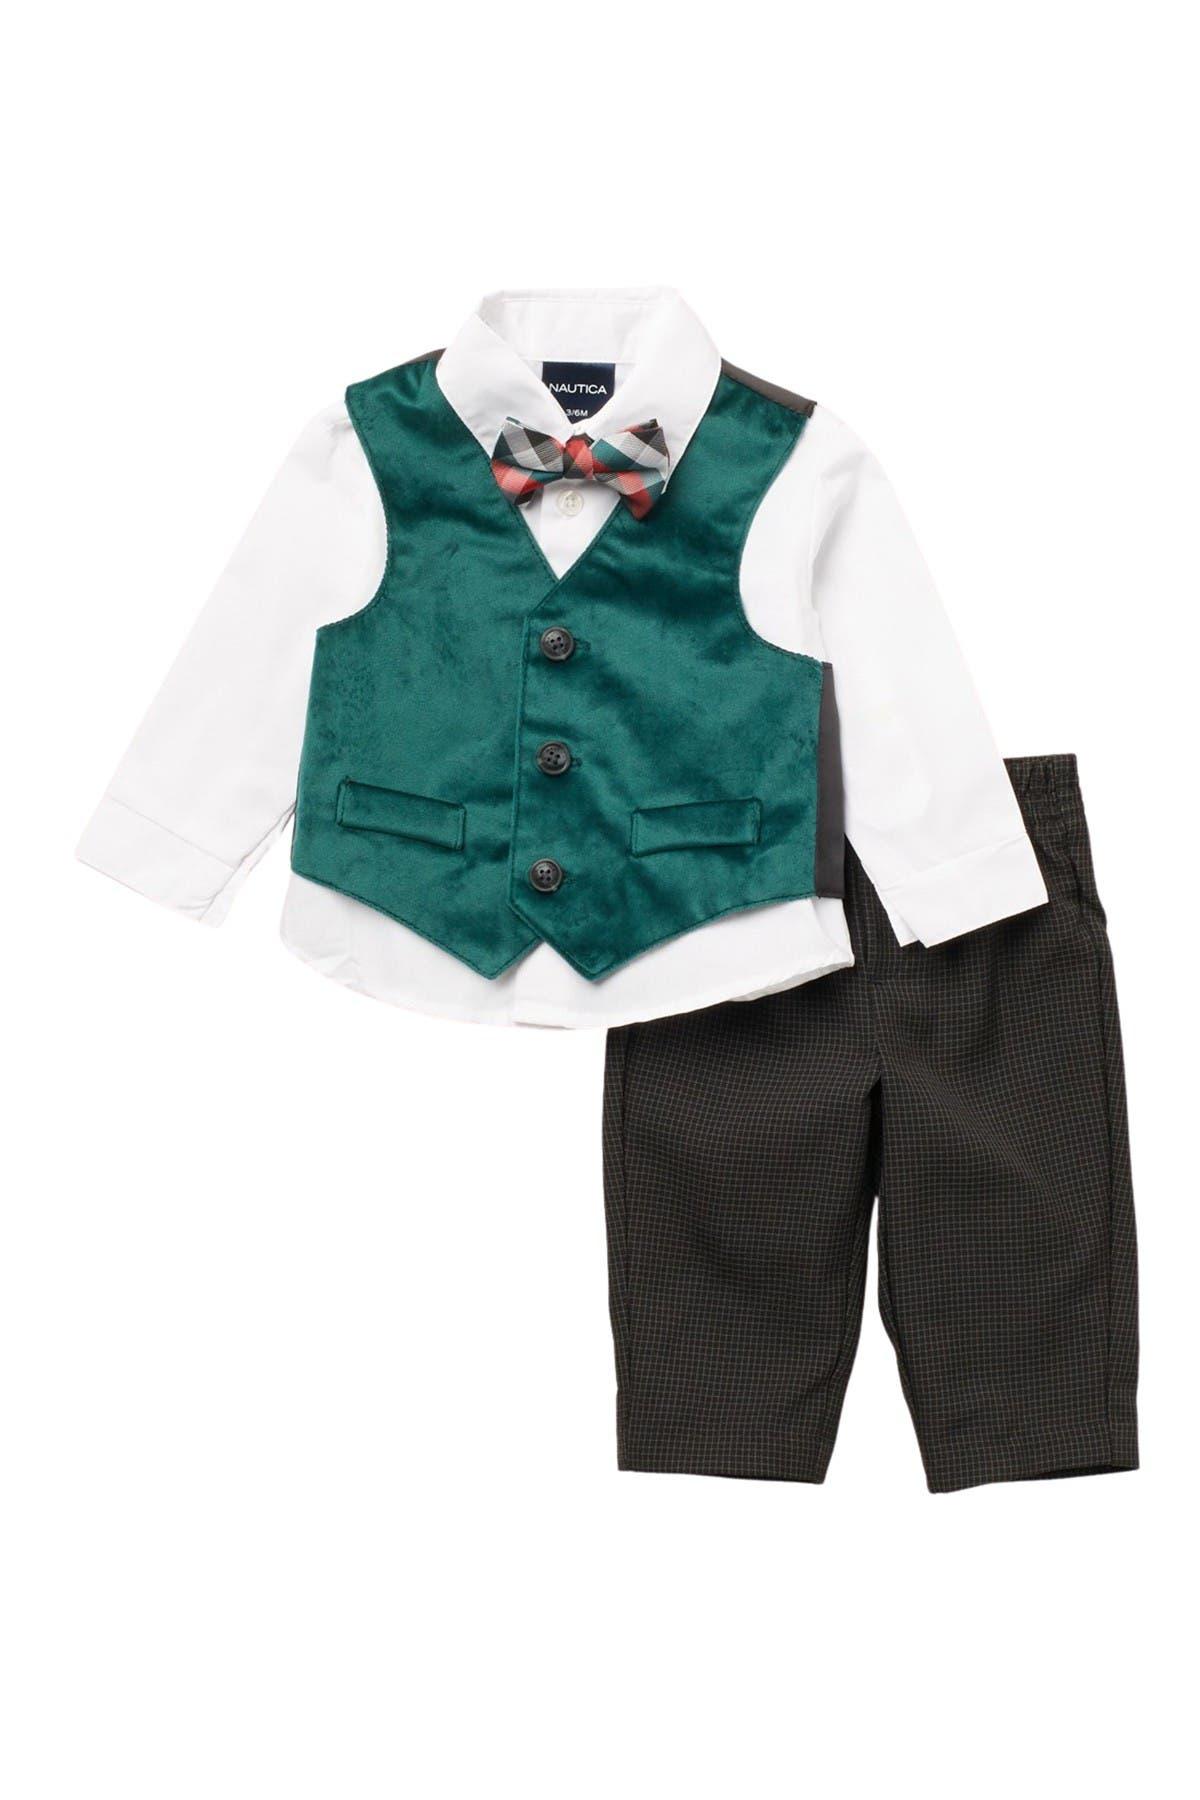 Image of Nautica Holiday Velvet Green Velvet Vest 3-Piece Set